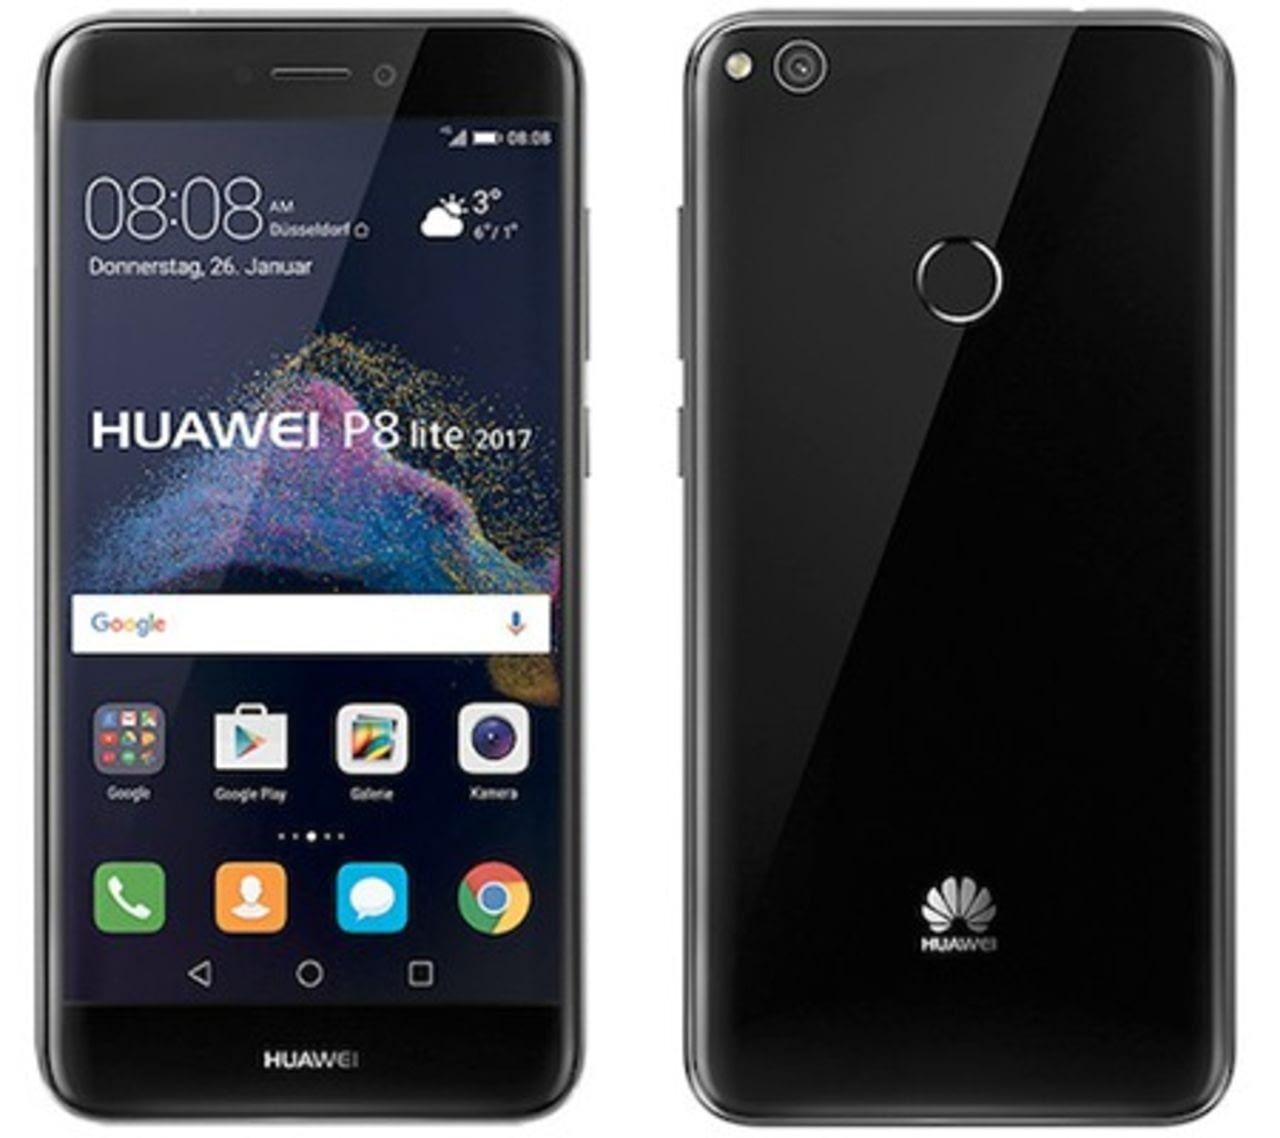 Prix réparation Huawei P8 Lite 2017 par Alloréparation